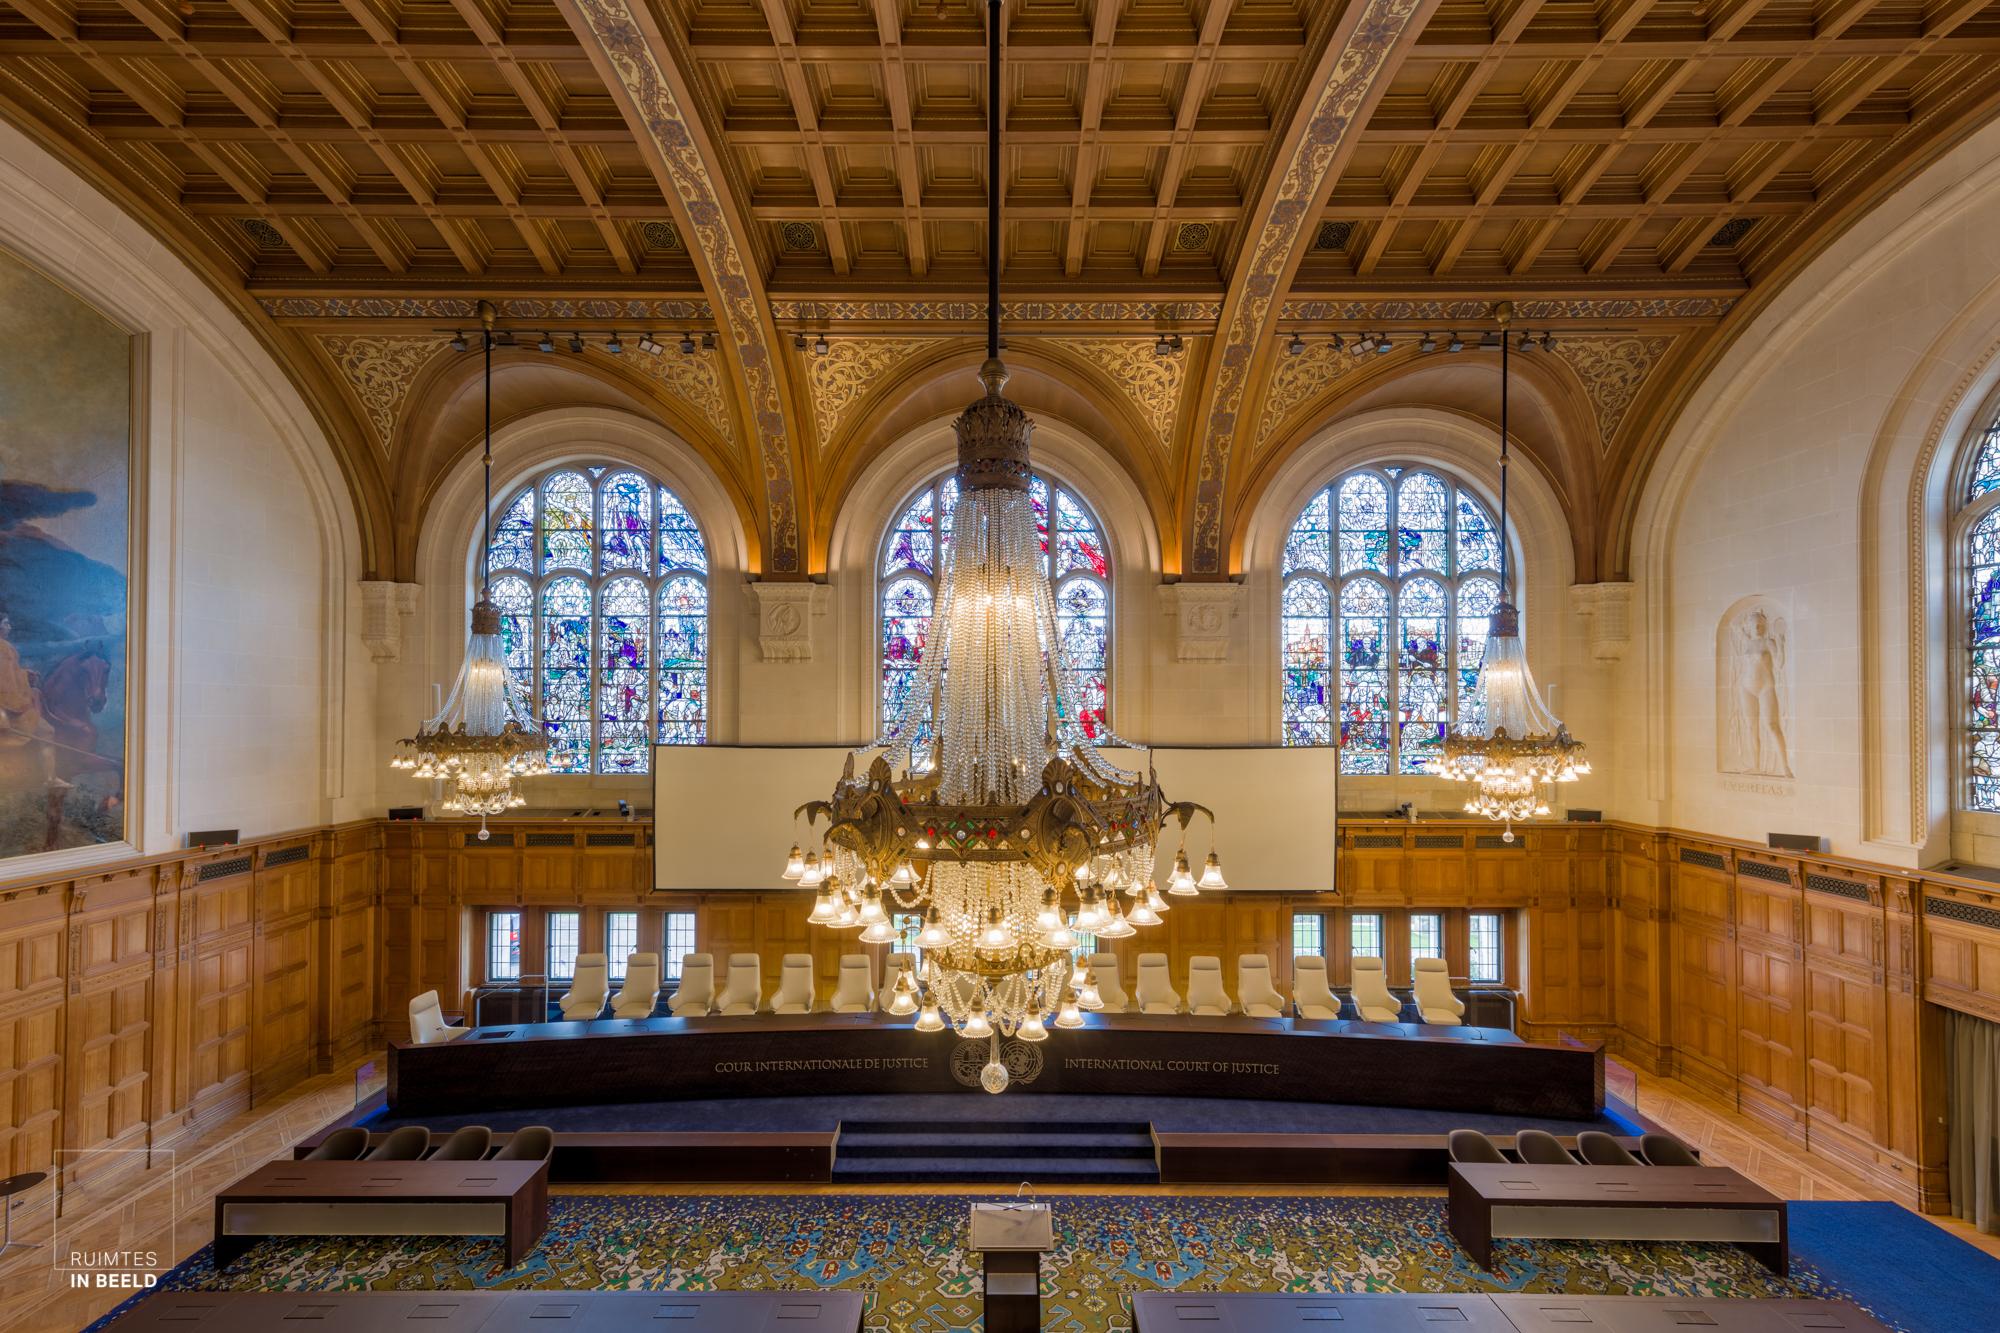 Rechtszaal Internationaal Gerechtshof